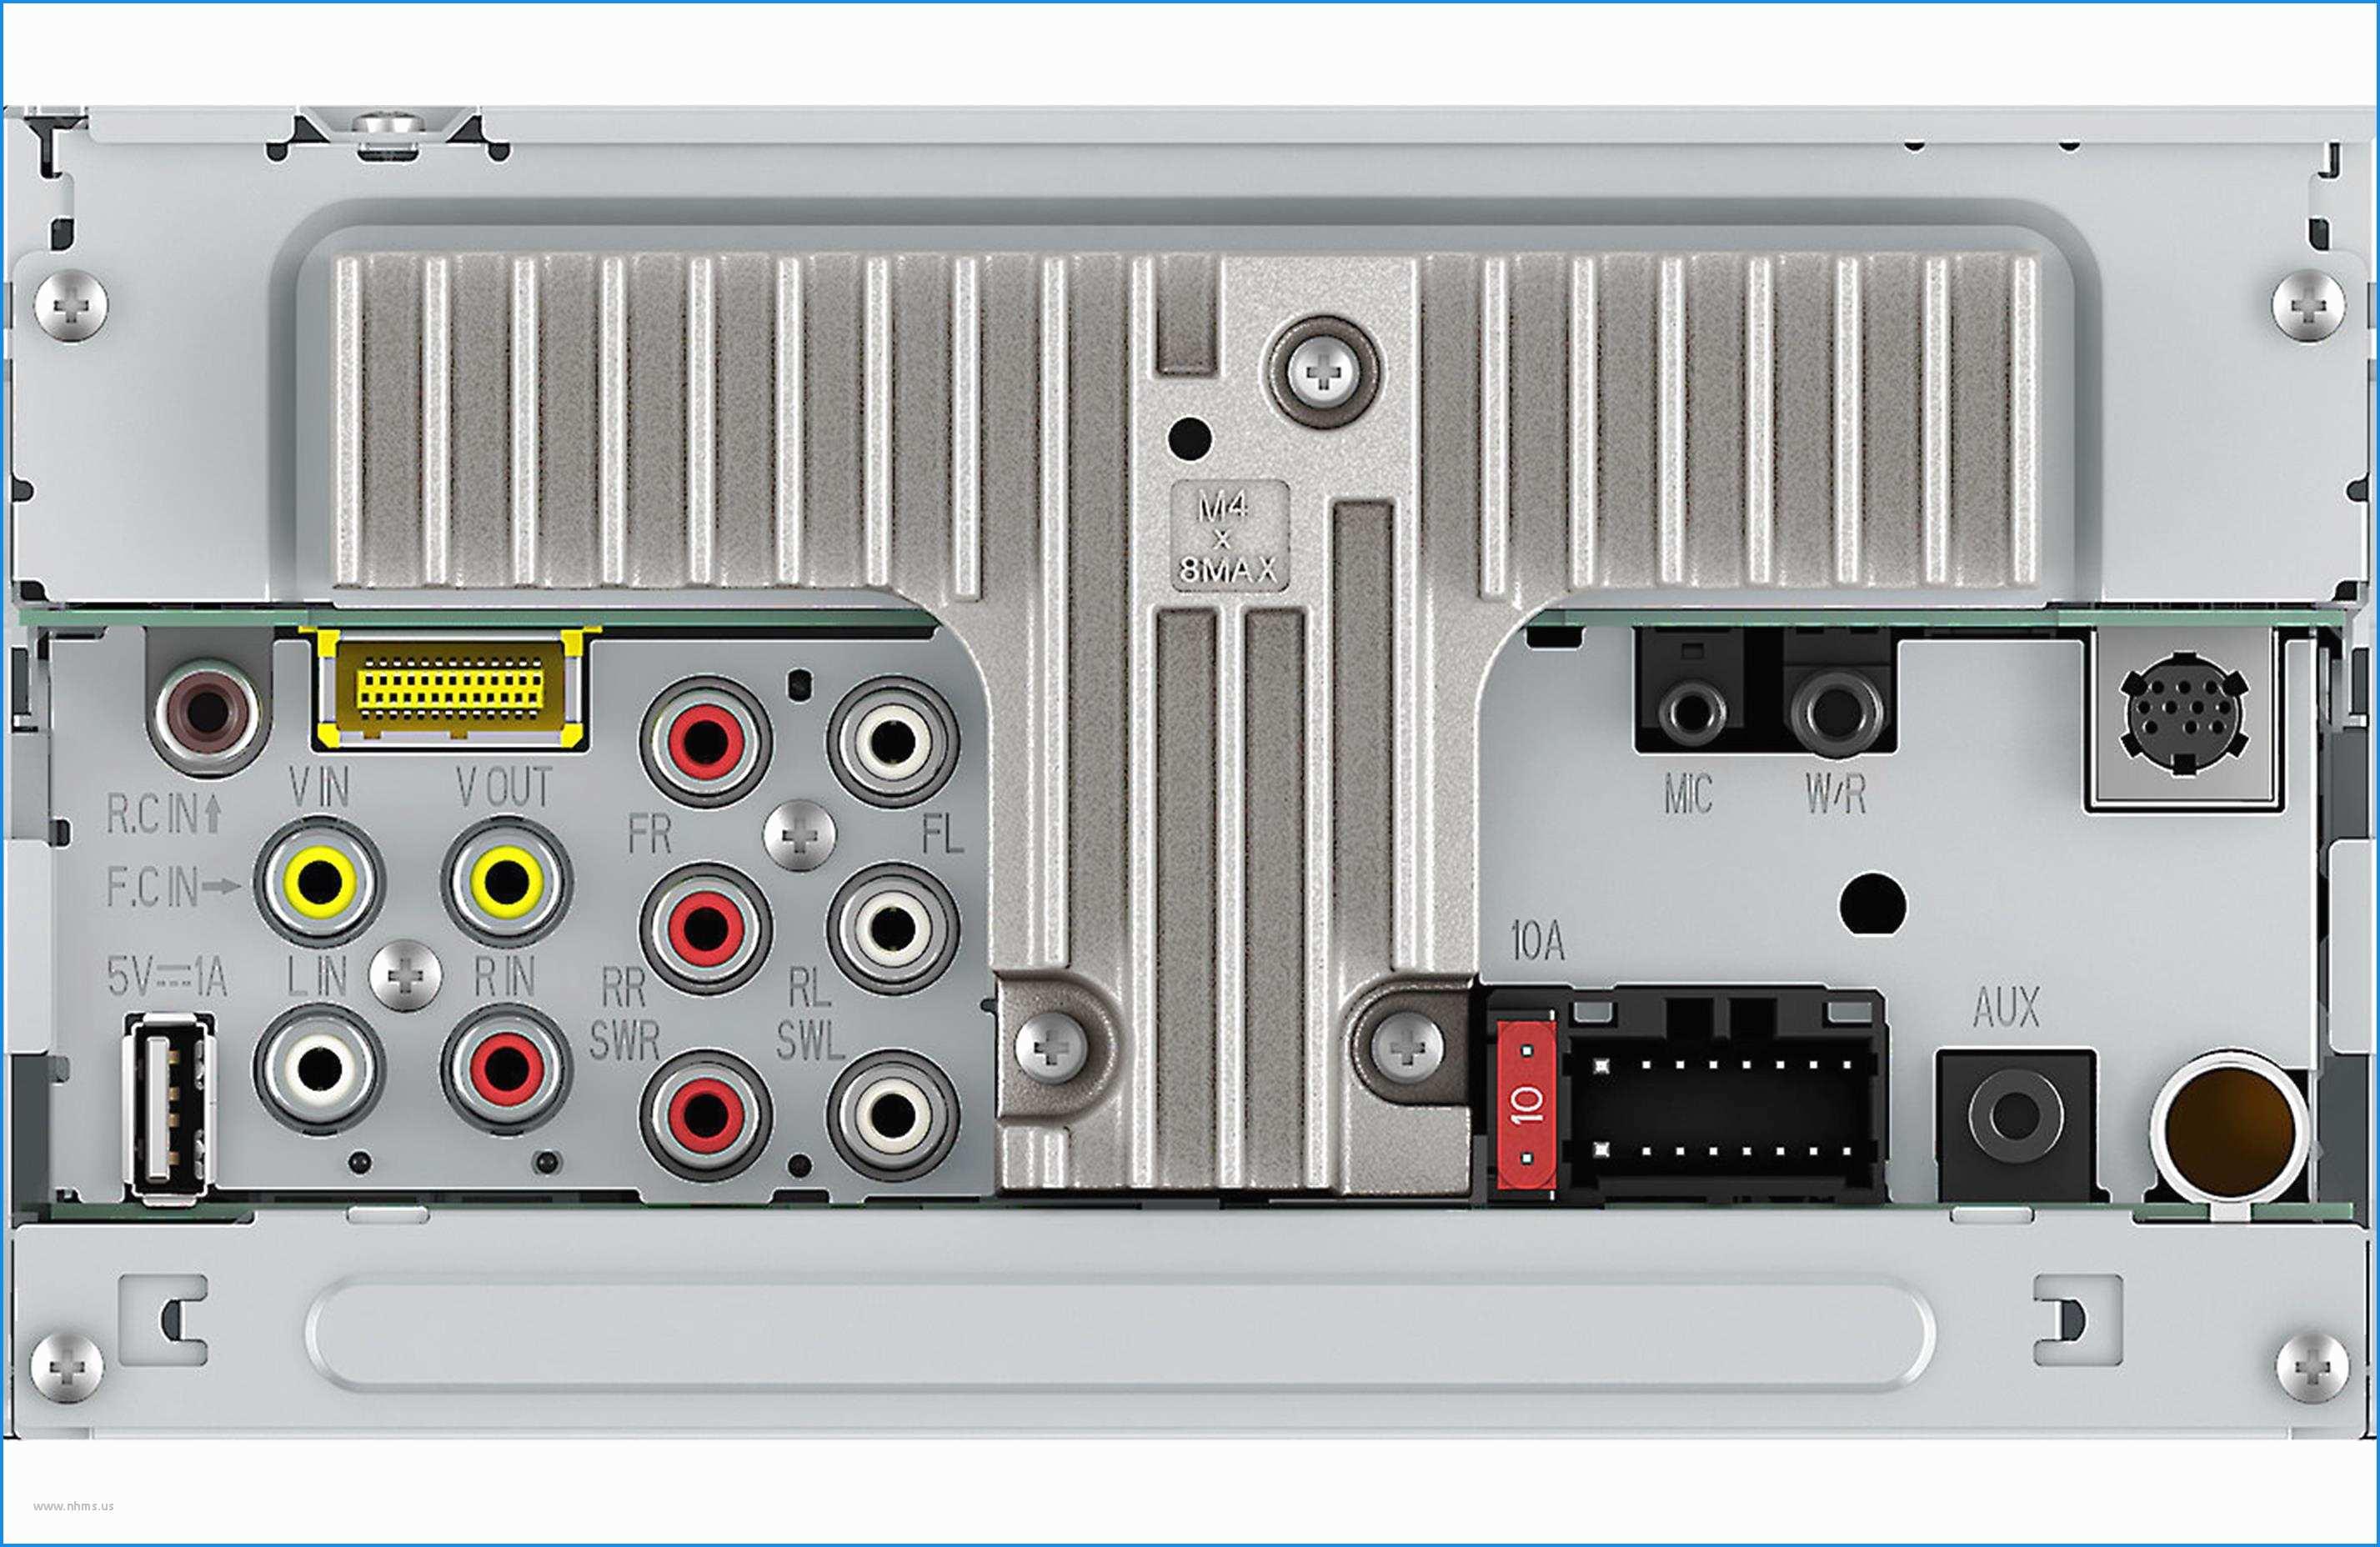 Pioneer Avh X2800Bs Wiring Diagram Simplex Pioneer Avh X4800Bs 7 - Pioneer Avh-X2800Bs Wiring Diagram